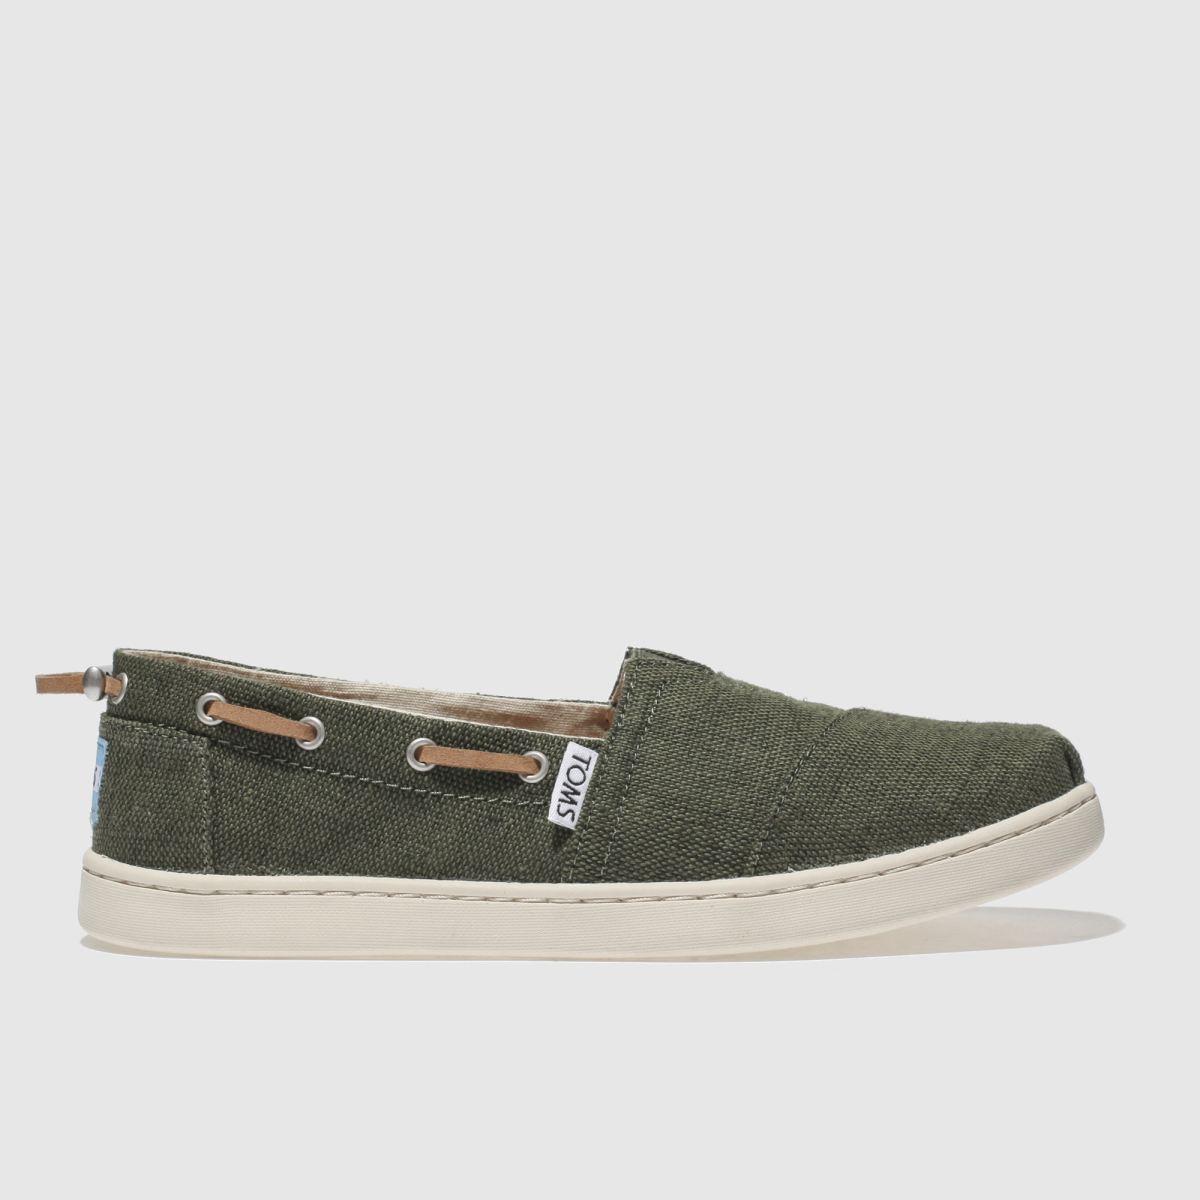 Toms Khaki Bimini Boots Youth